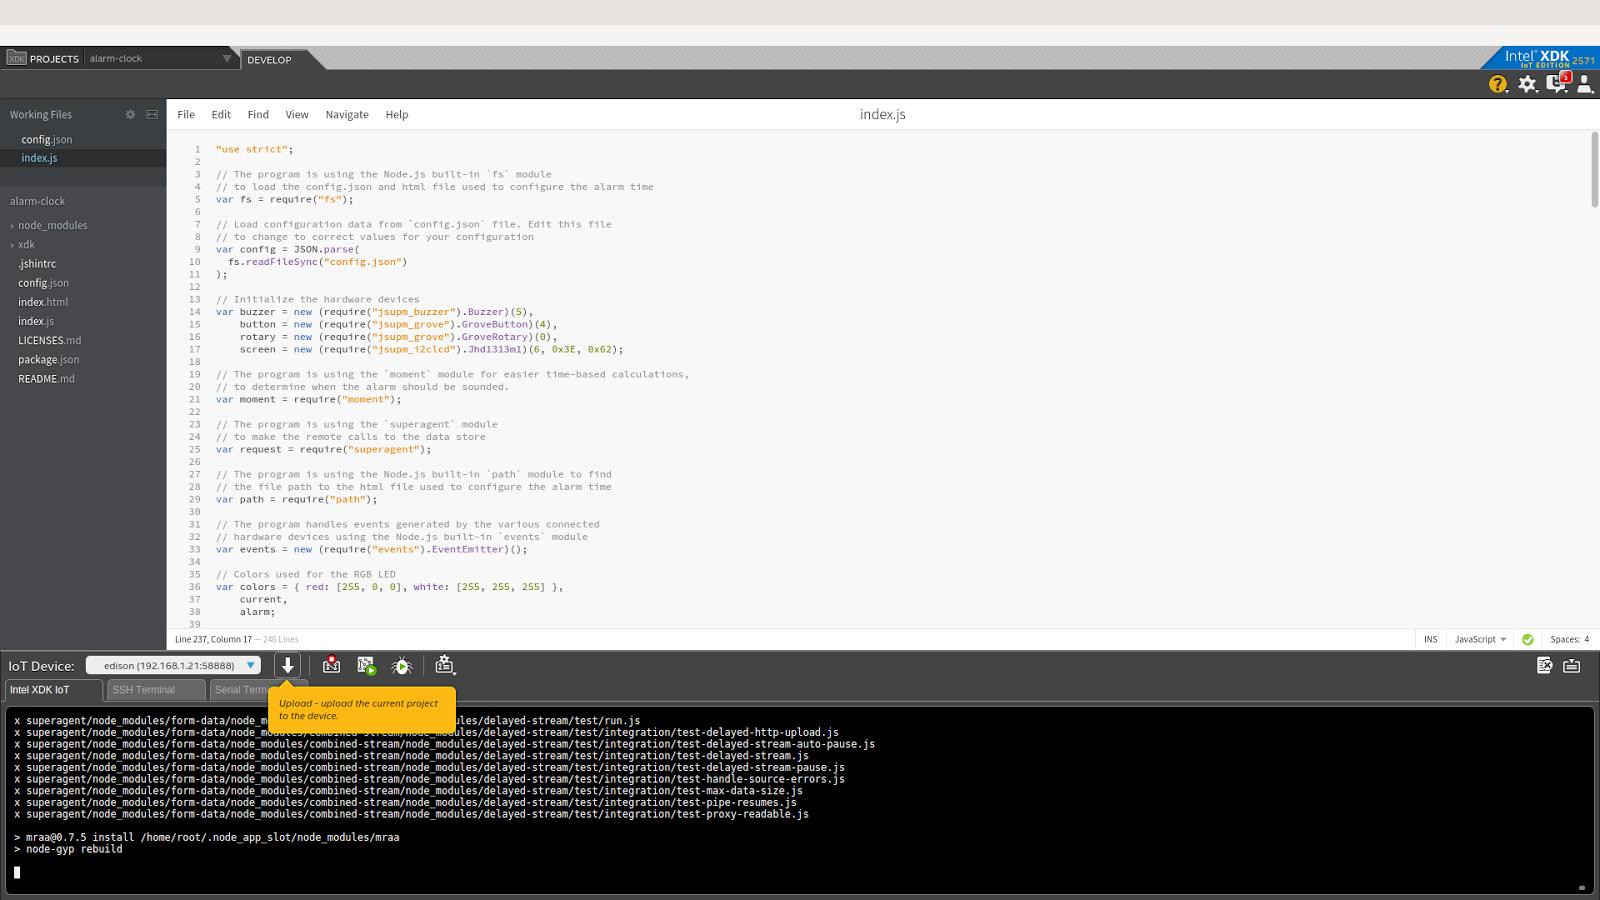 Примеры кода для интернета вещей: умная поливалка - 6